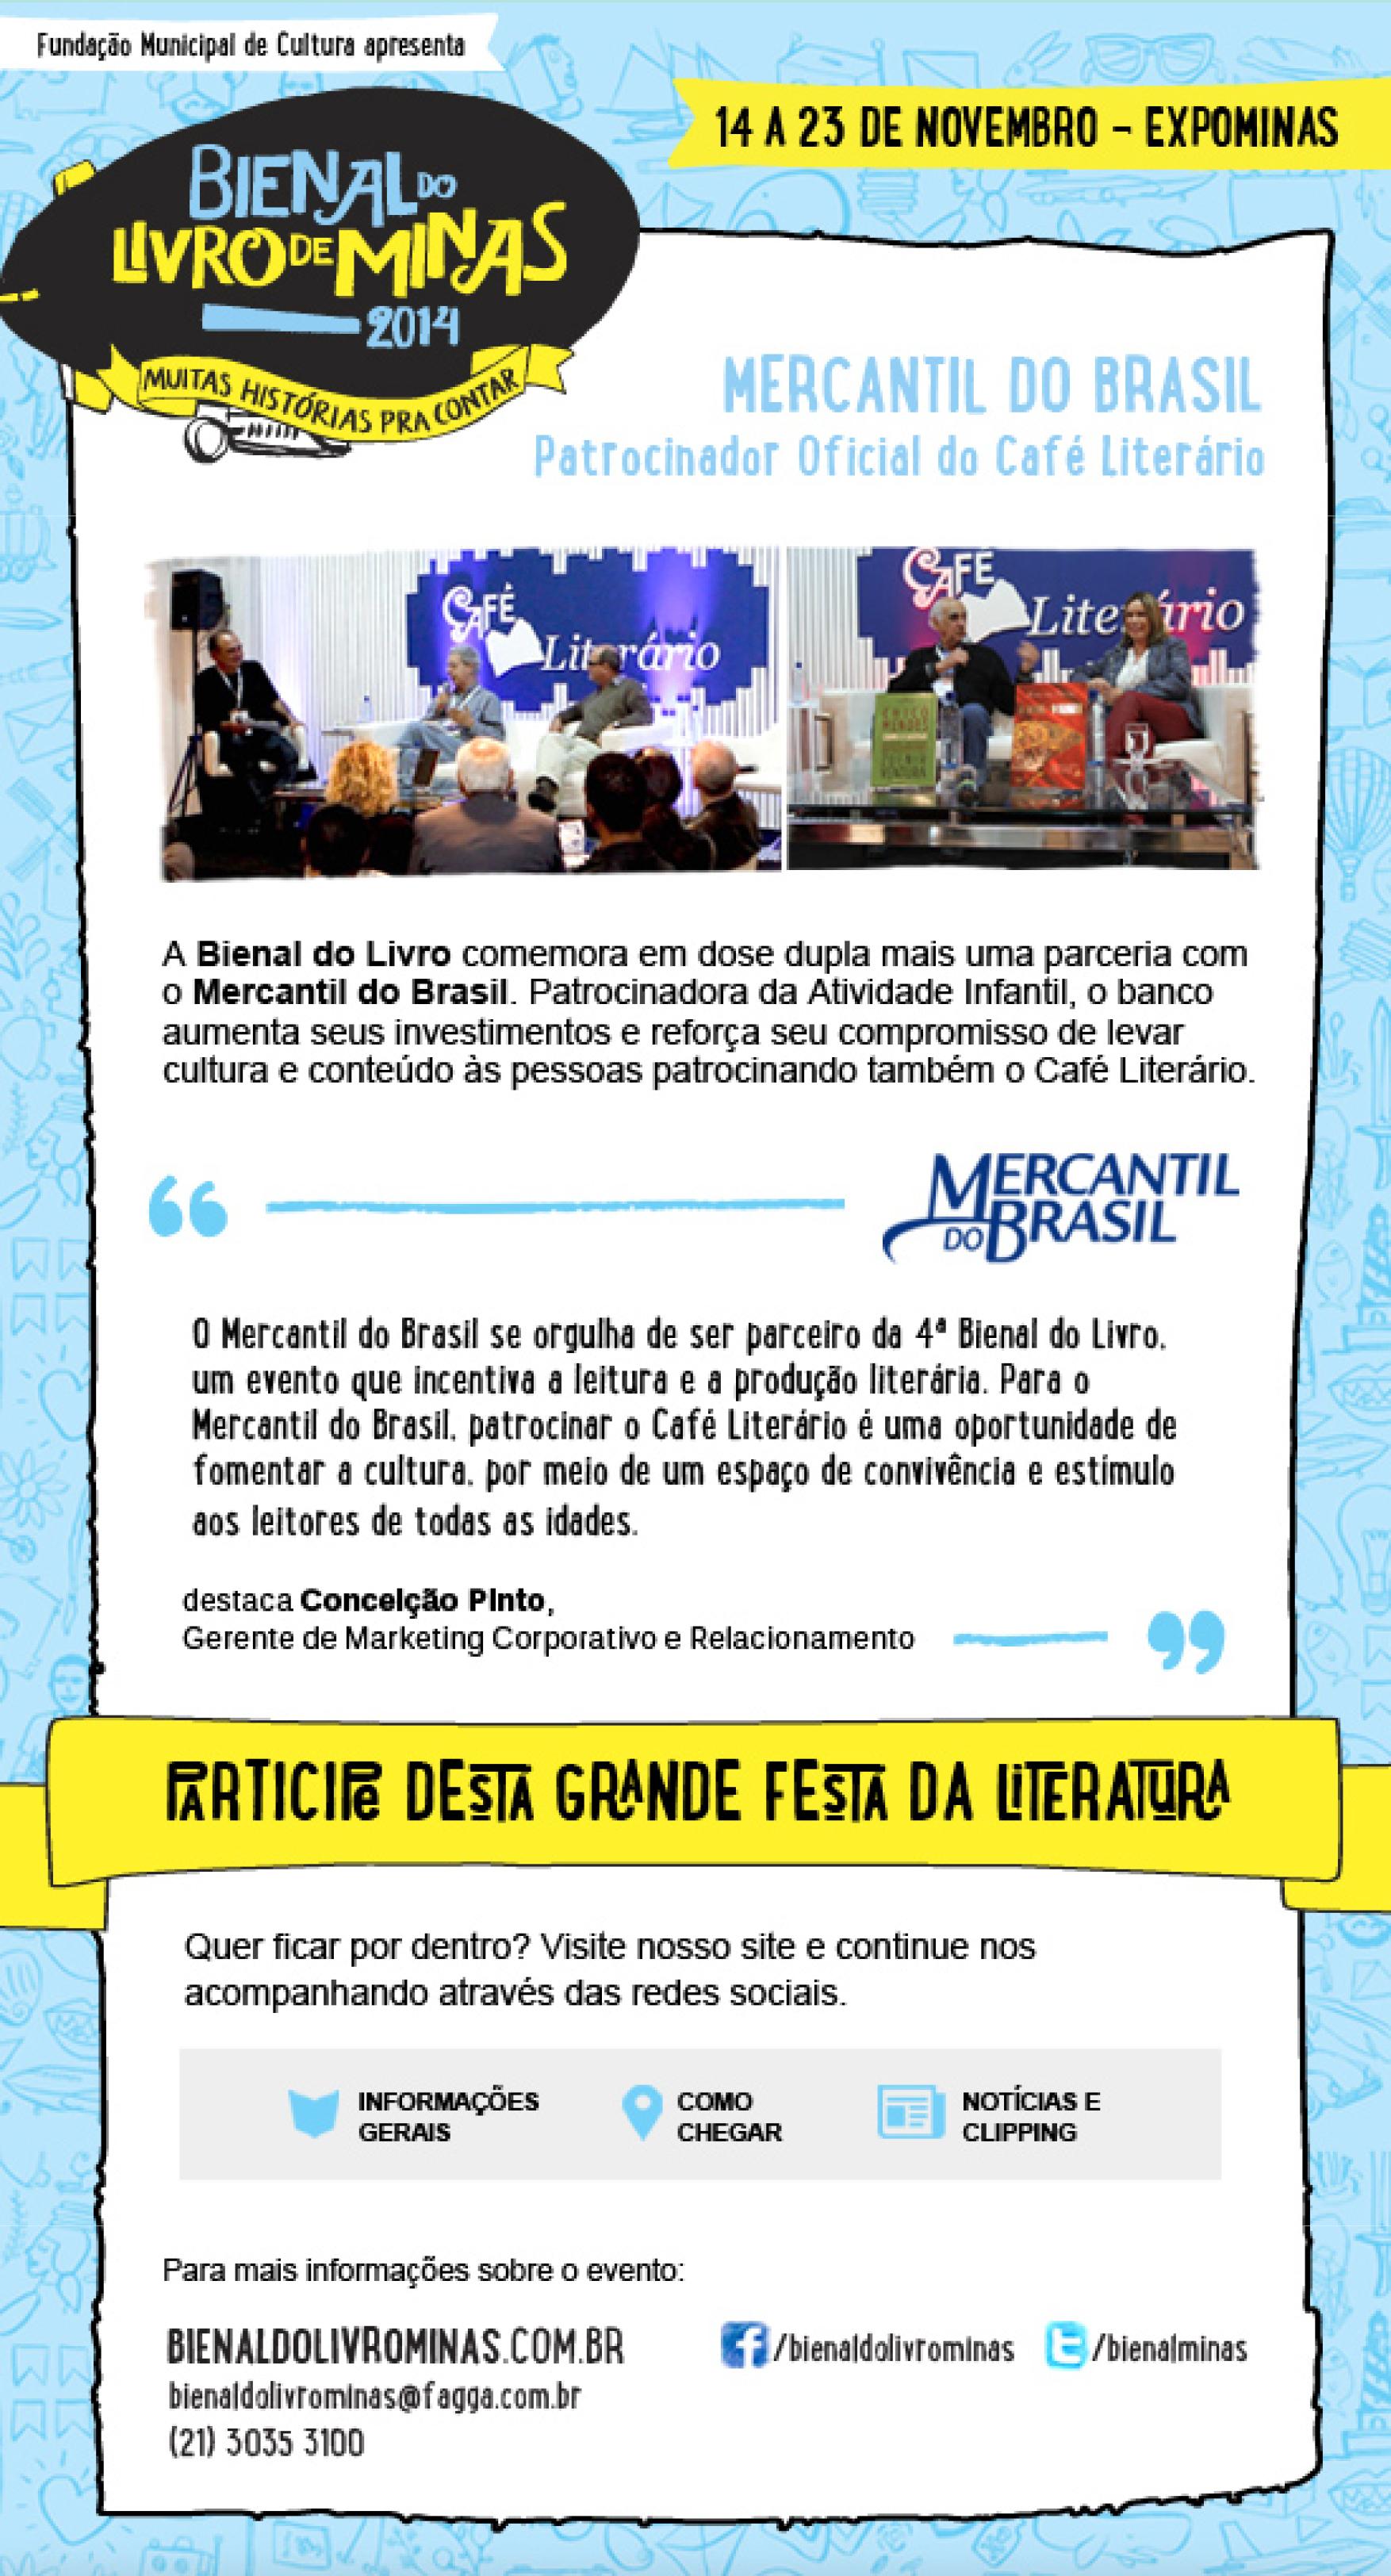 Bienal de Minas